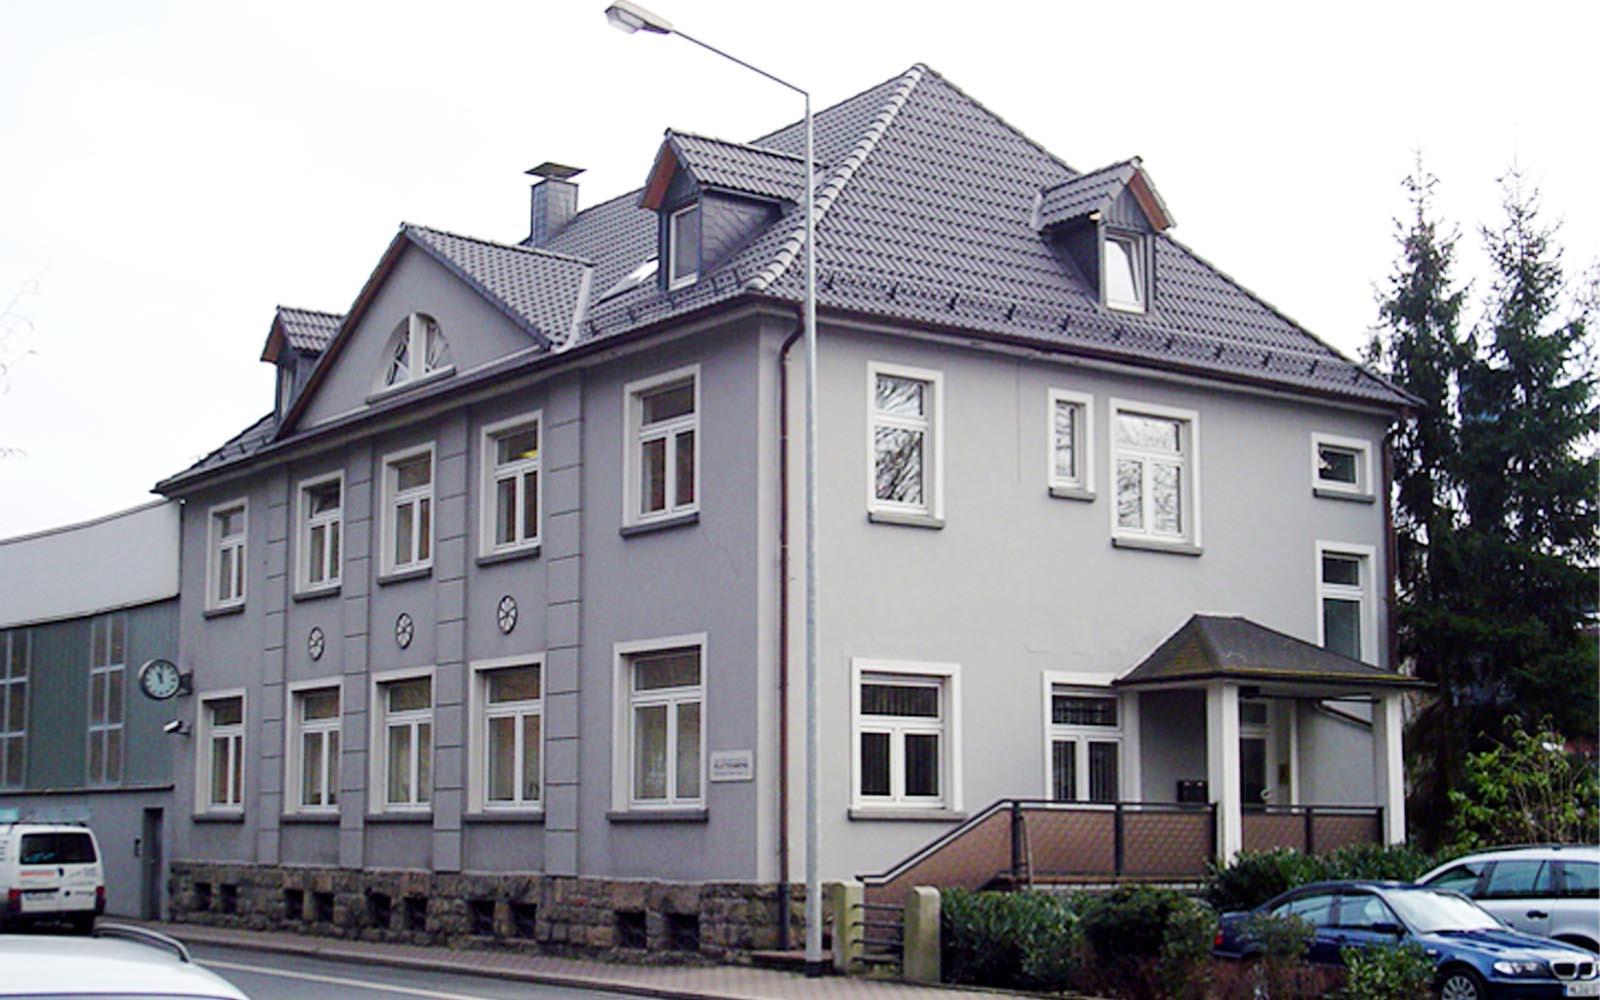 Messingwerk_SteinwegClausArchitekten_Buerogebäude_Anbau_Eckverglasung_Plettenberg_00001